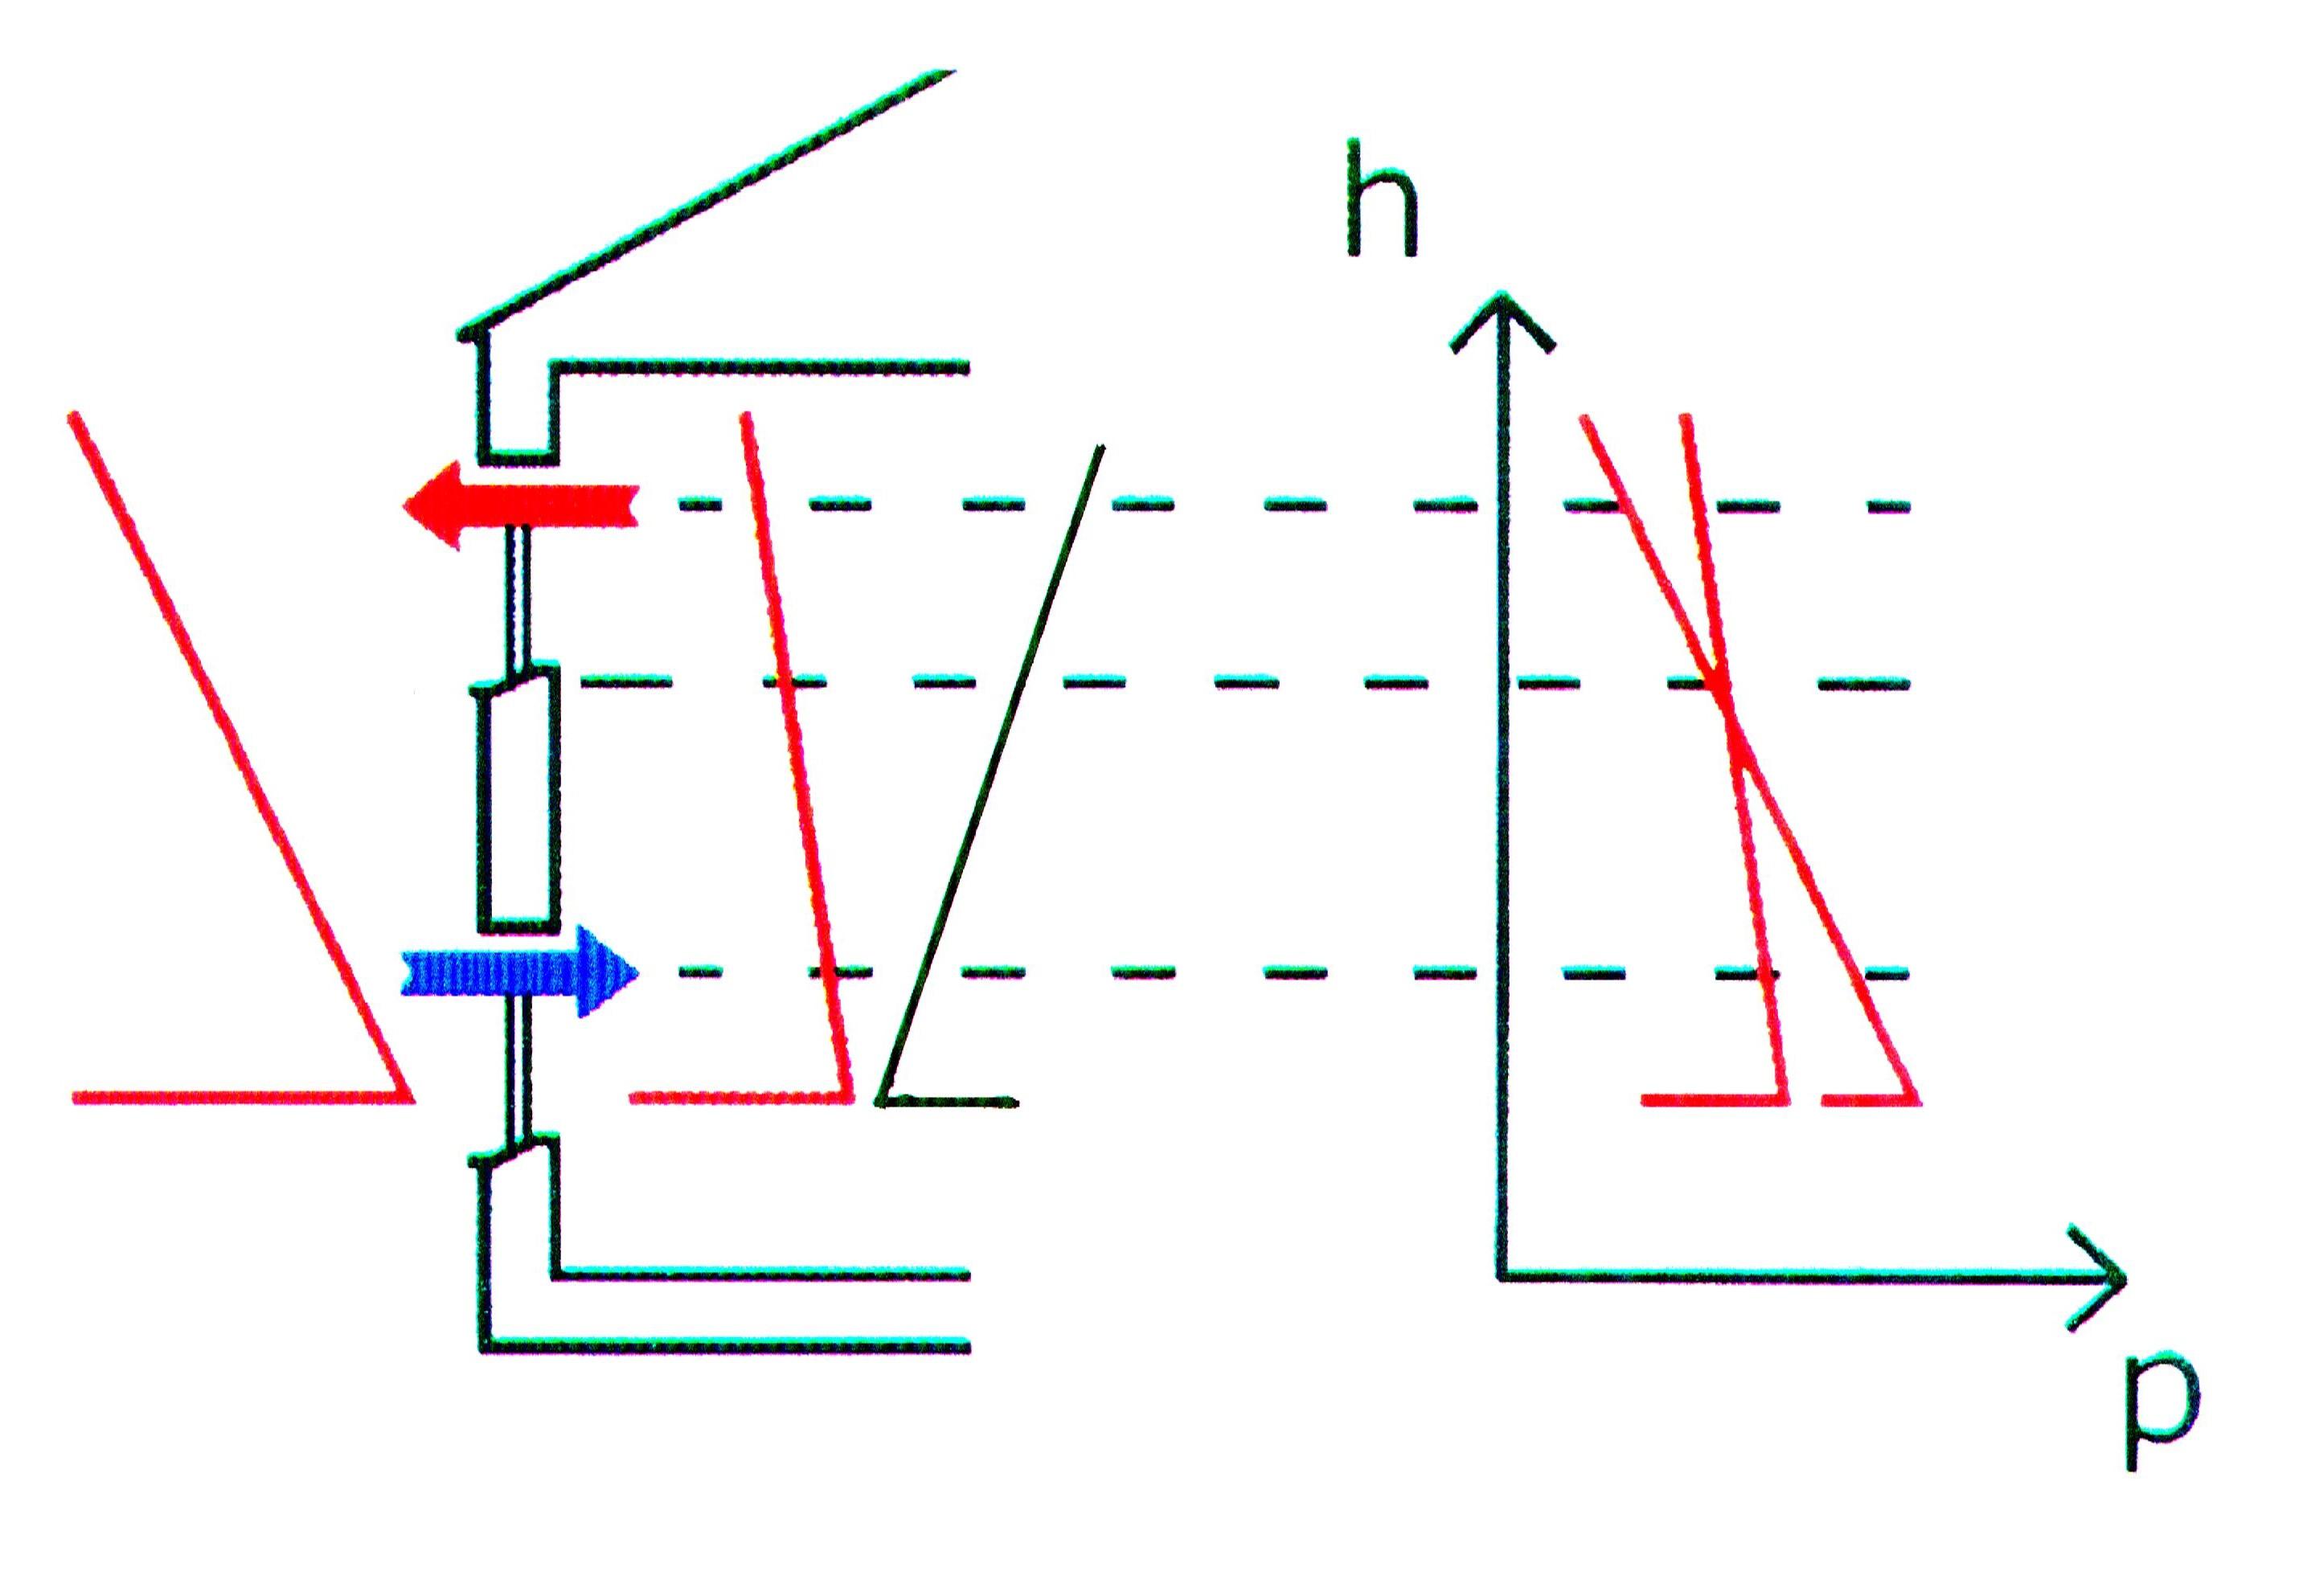 Nel disegno si vede ai piani bassi una leggera diminuzione di pressione di alcuni Pascal, ed una sovrappressione a quelli alti. Il grafico in rosso a sinistra indica l'andamento della pressione atmosferica all'esterno. Il grafico in nero all'interno dell'edificio indica l'effetto camino. All'interno i due fenomeni inversi dell'effetto camino e del gradiente atmosferico esterno, si sommano algebricamente provocando un nuovo gradiente di pressione ancora in diminuzione verso l'alto, ma con pendenza meno accentuata.